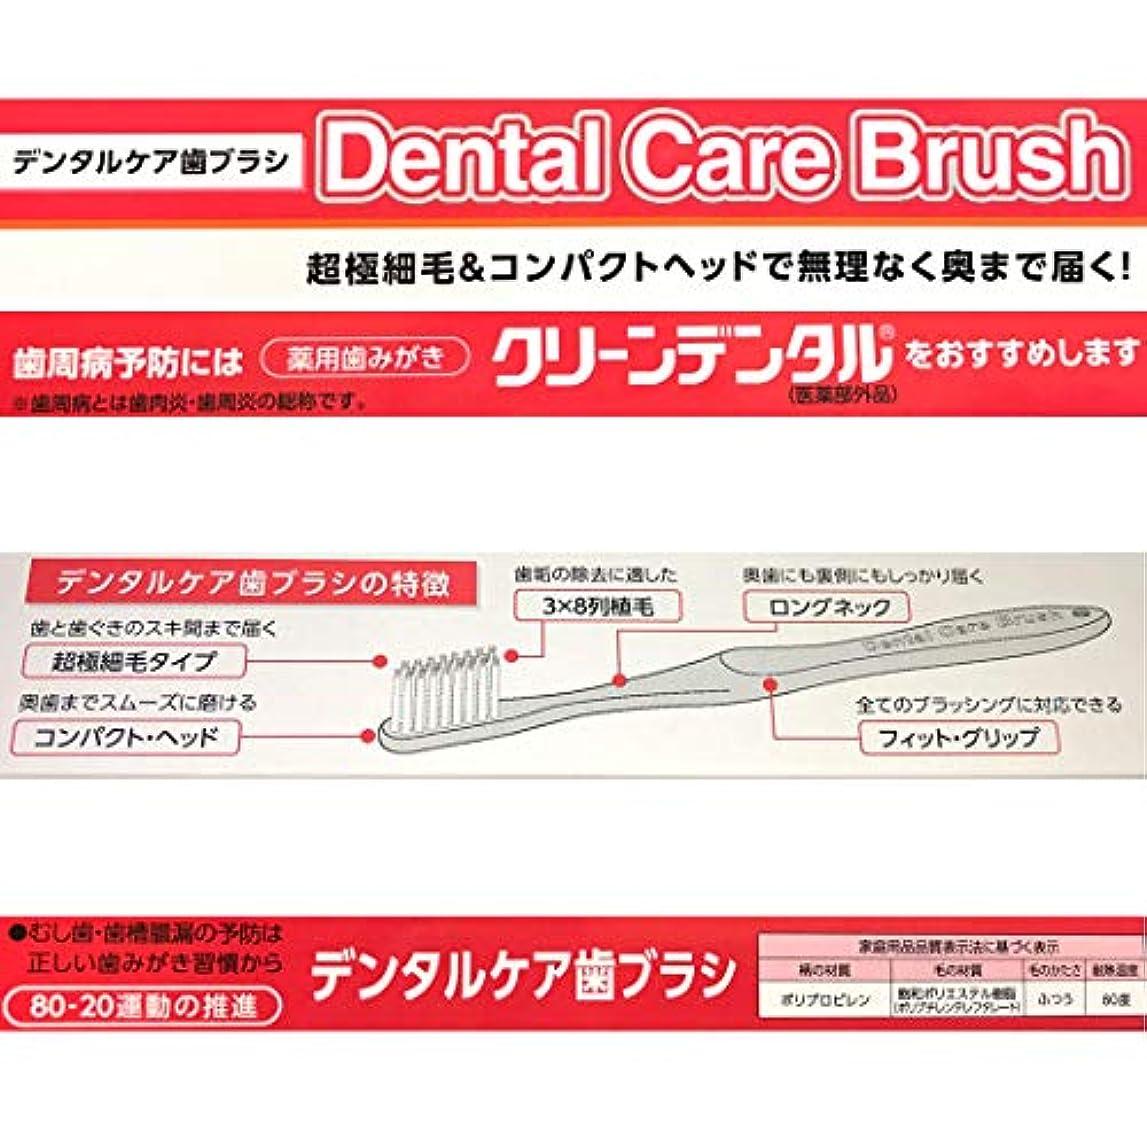 参加するもっと少なく無効【数量限定】超極細毛&コンパクトヘッド デンタルケア歯ブラシ (3本)